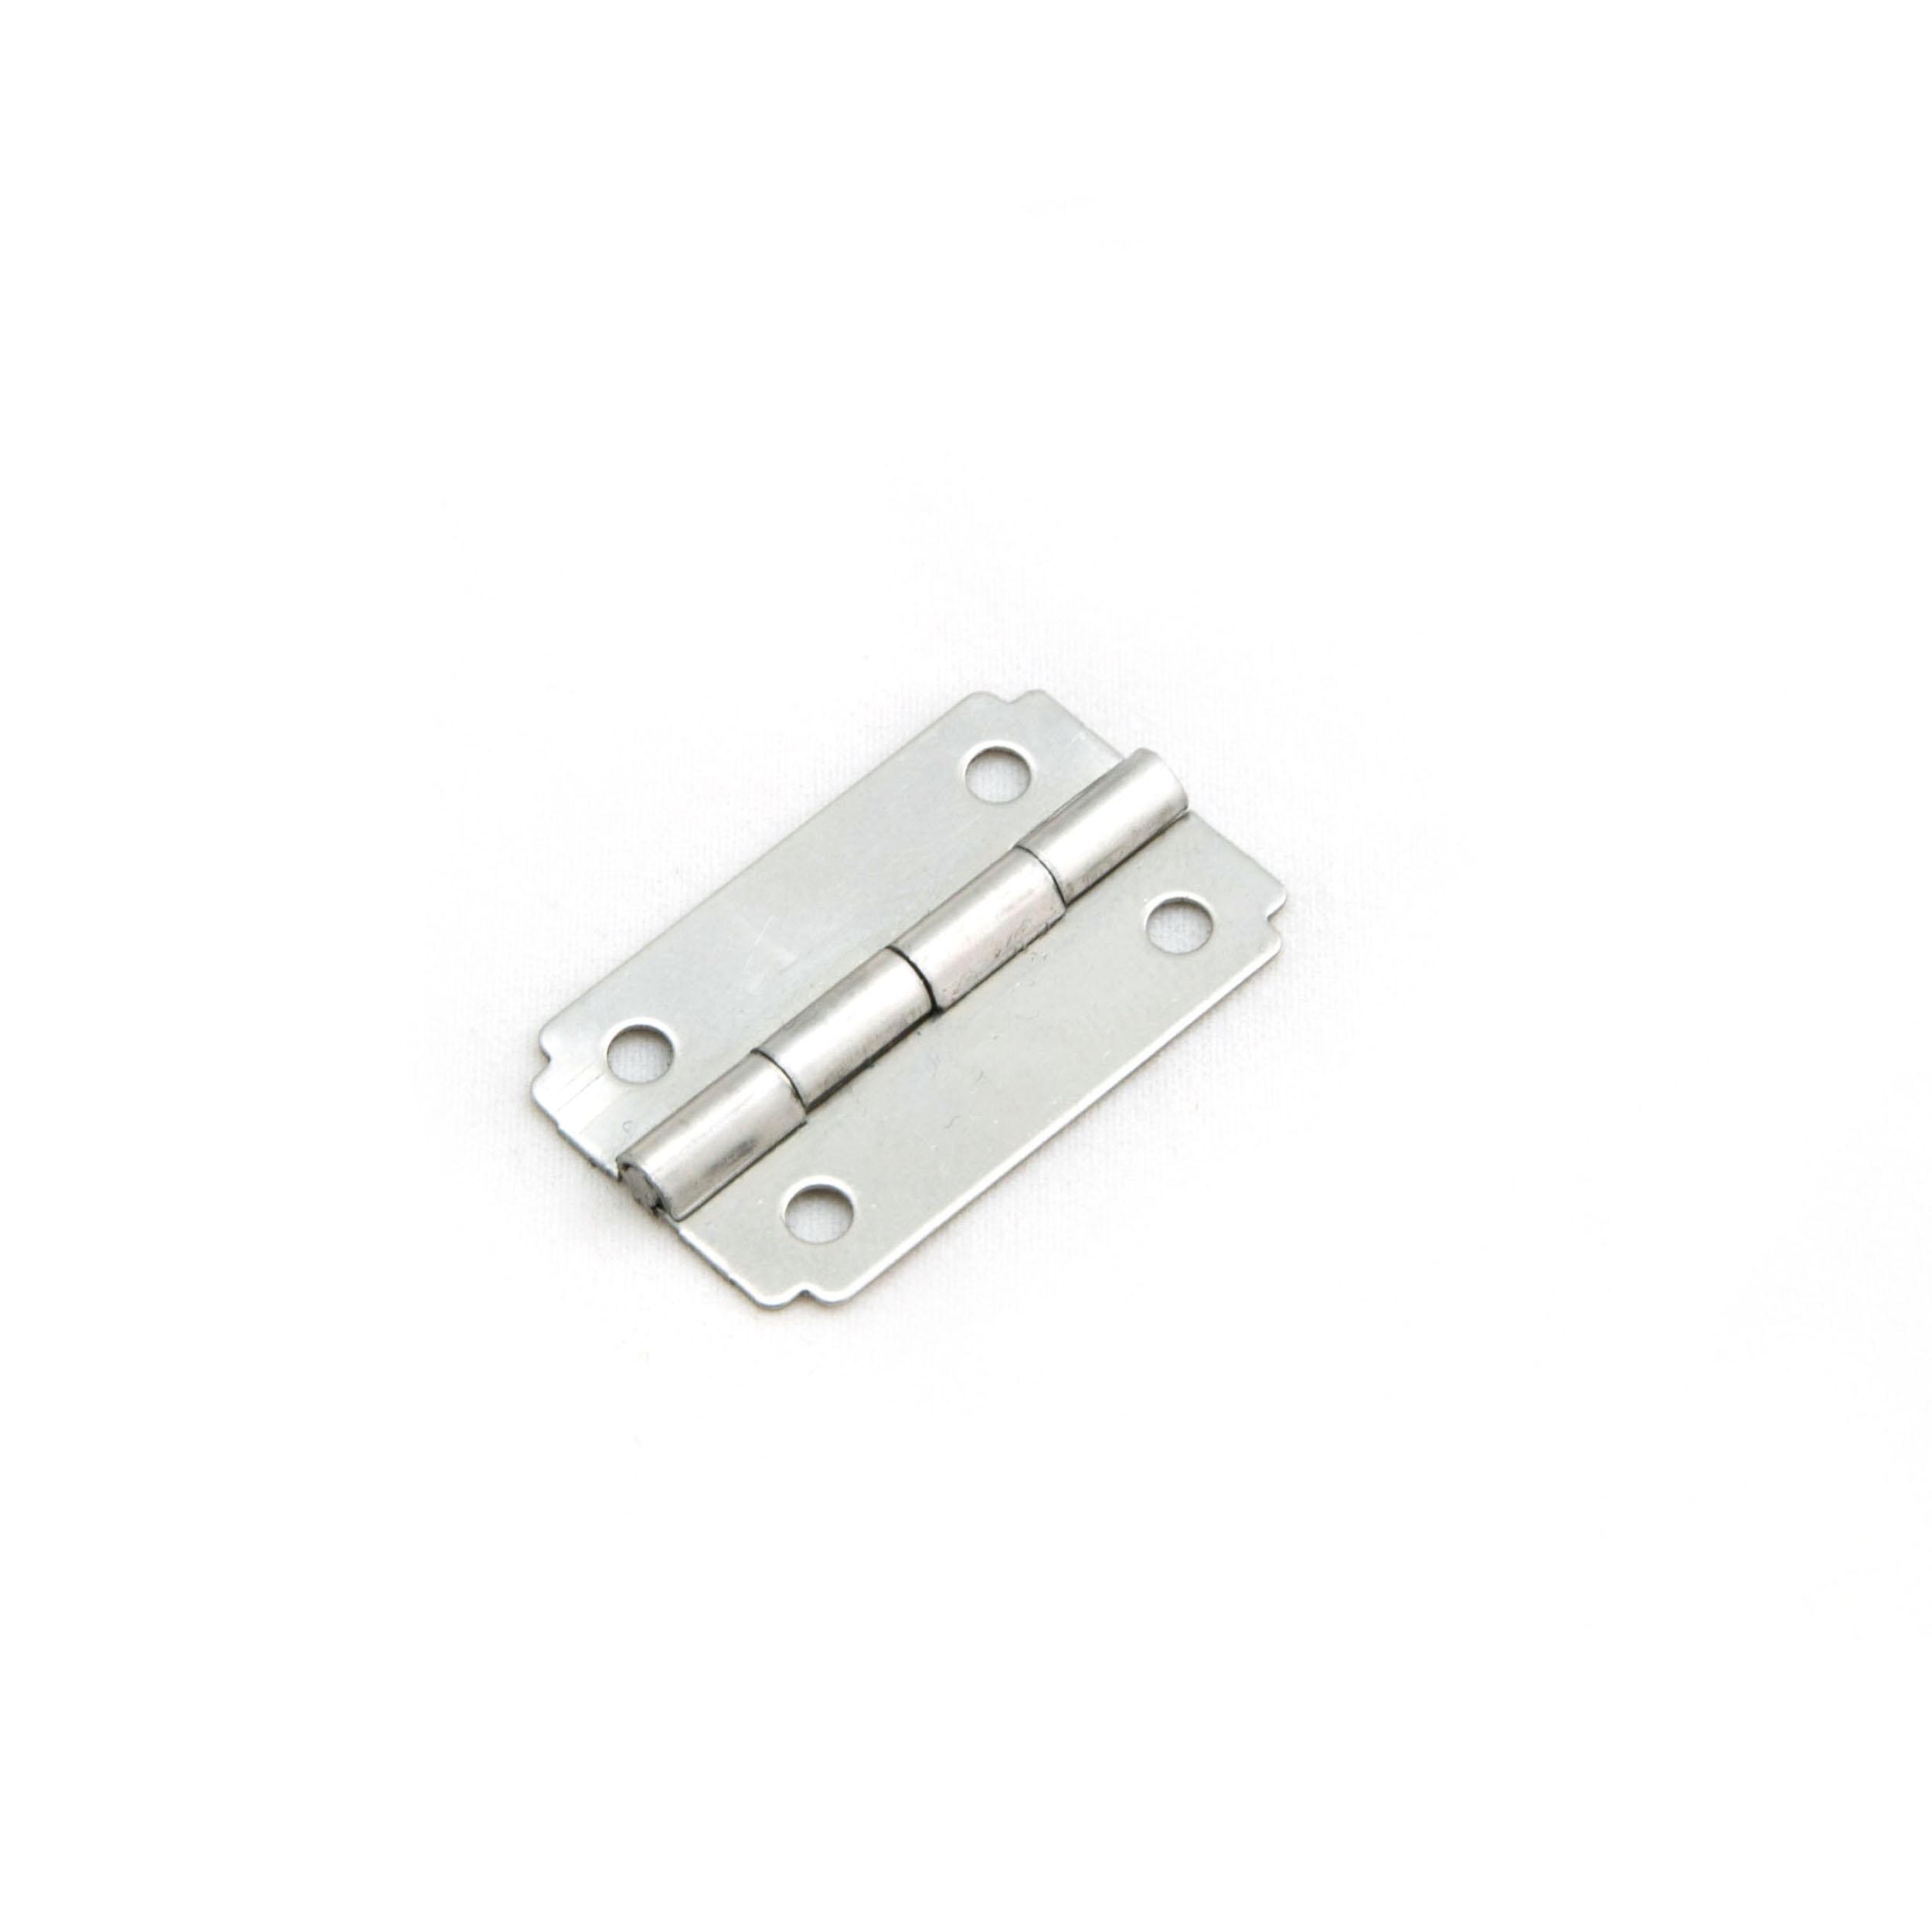 Stainless Steel Mini Hinge